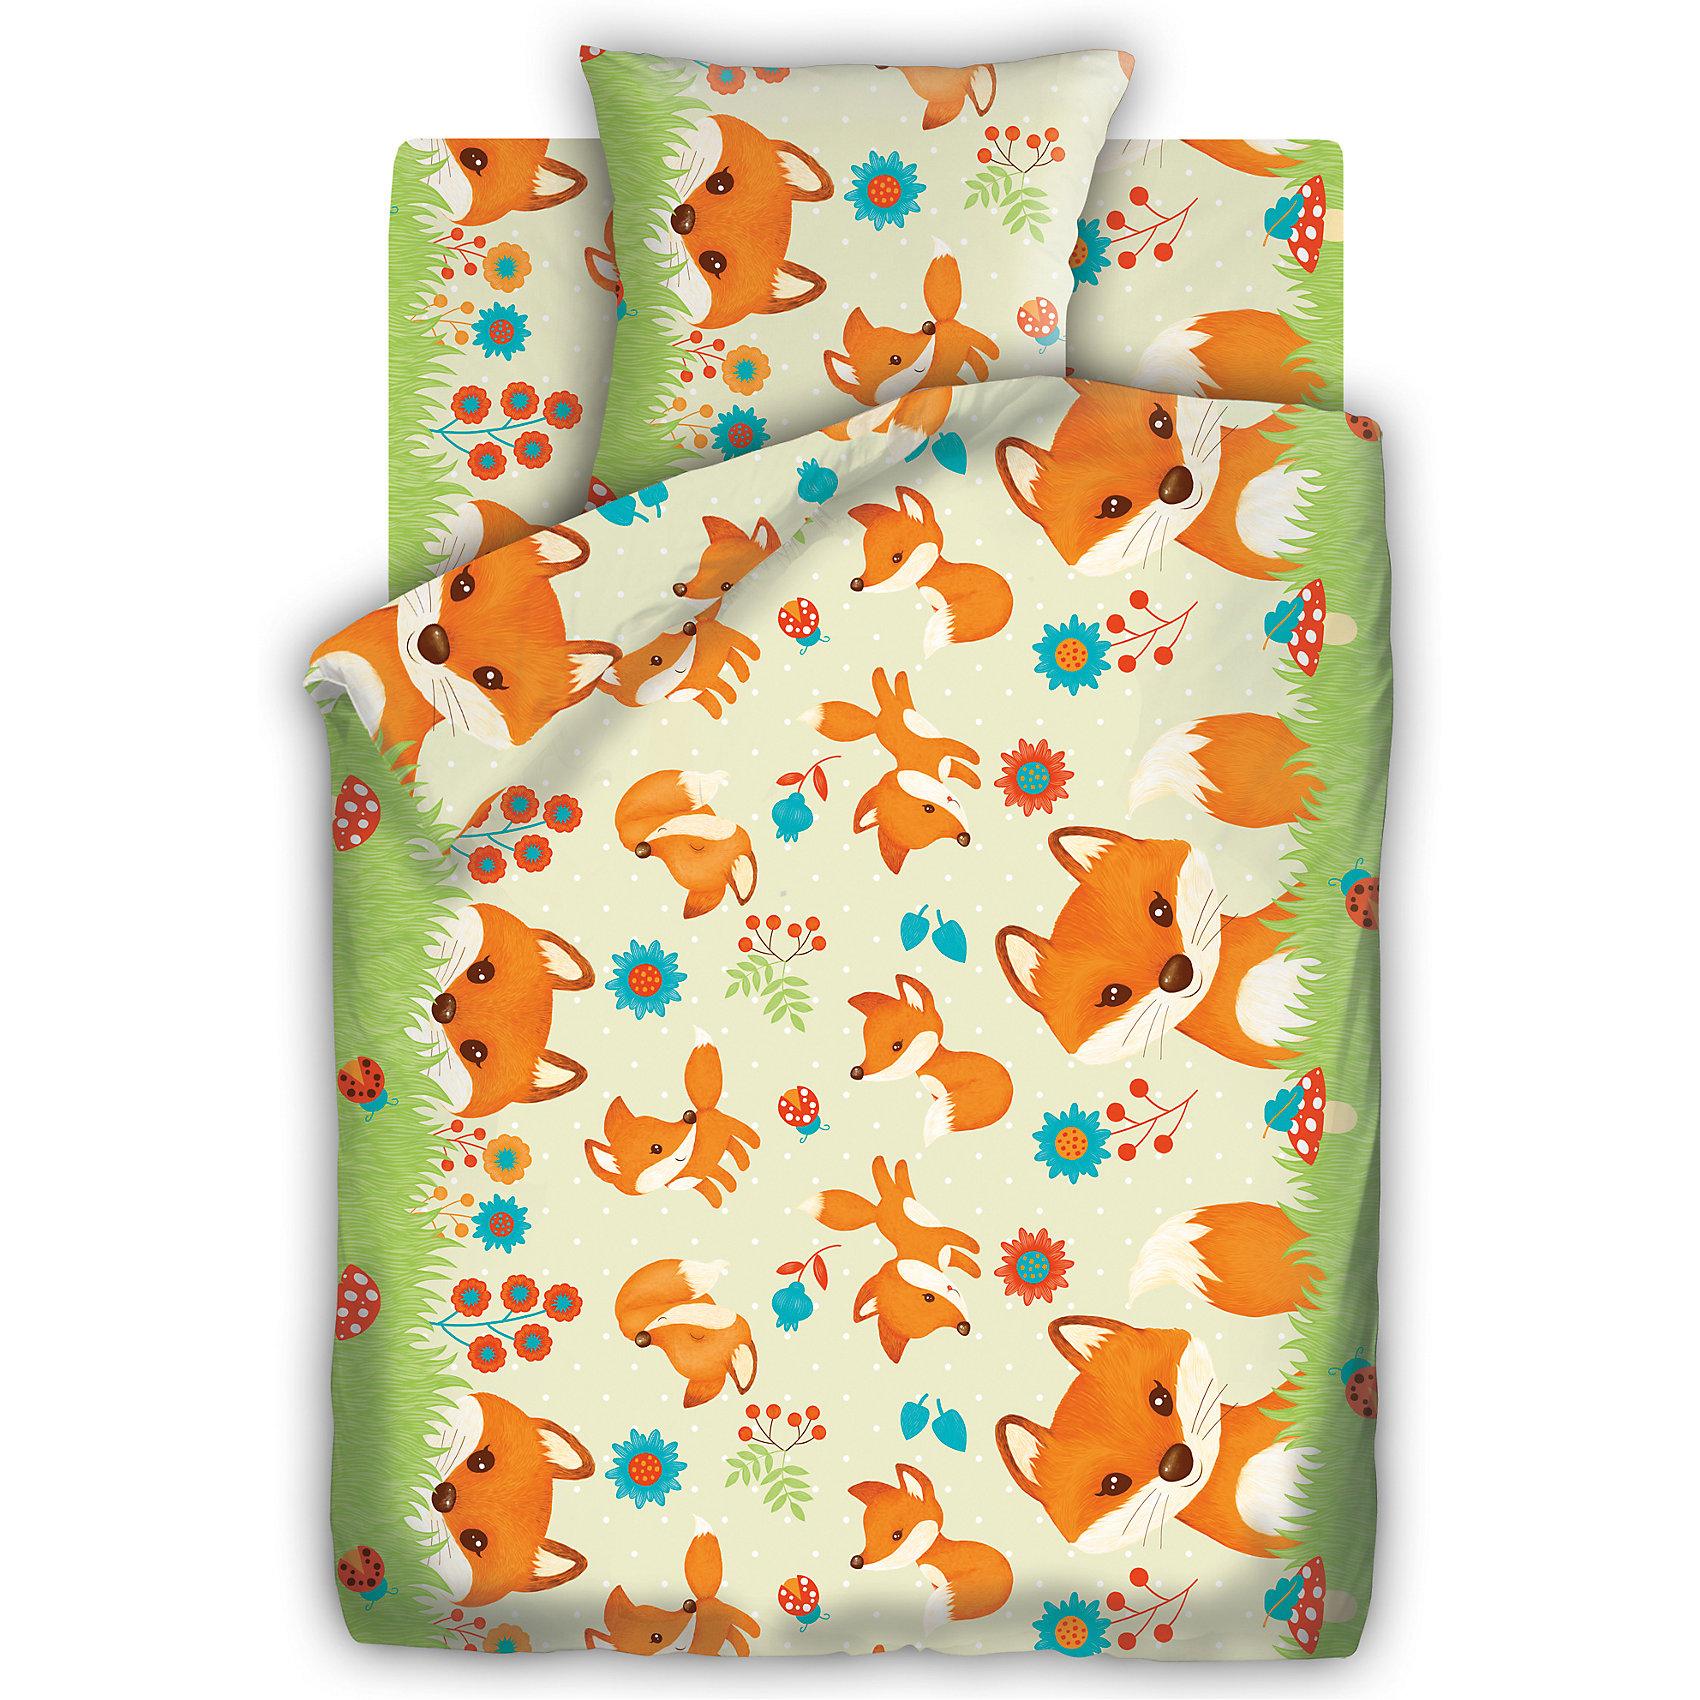 Детский комплект Лисята, Кошки-мышкиПостельное бельё<br>С комплектом постельного белья Лисята, Кошки-мышки, Ваш малыш с удовольствием будет укладываться в свою кроватку и видеть чудесные сказочные сны. Красочный комплект украшен изображениями забавных рыжих лисят и яркими цветочками. Материал представляет собой<br>качественную плотную бязь, очень комфортную и приятную на ощупь. Ткань отвечает всем экологическим нормам безопасности, дышащая, гипоаллергенная, не нарушает естественные процессы терморегуляции. При стирке белье не линяет, не деформируется и не теряет своих<br>красок даже после многочисленных стирок.<br><br>Дополнительная информация:<br><br>- В комплекте: 1 наволочка, 1 пододеяльник и 1 простыня.<br>- Тип ткани: бязь (100% хлопок).<br>- Плотность ткани: 100 г/м.<br>- Размер пододеяльника: 147 х 112 см.<br>- Размер наволочки: 40 х 60 см.<br>- Размер простыни: 150 х 110 см.<br>- Размер упаковки: 33 х 6 х 22 см.<br>- Вес: 0,8 кг. <br><br>Детский комплект Лисята, Кошки-мышки, можно приобрести в нашем интернет-магазине.<br><br>Ширина мм: 200<br>Глубина мм: 60<br>Высота мм: 280<br>Вес г: 800<br>Возраст от месяцев: 0<br>Возраст до месяцев: 72<br>Пол: Унисекс<br>Возраст: Детский<br>SKU: 4463255